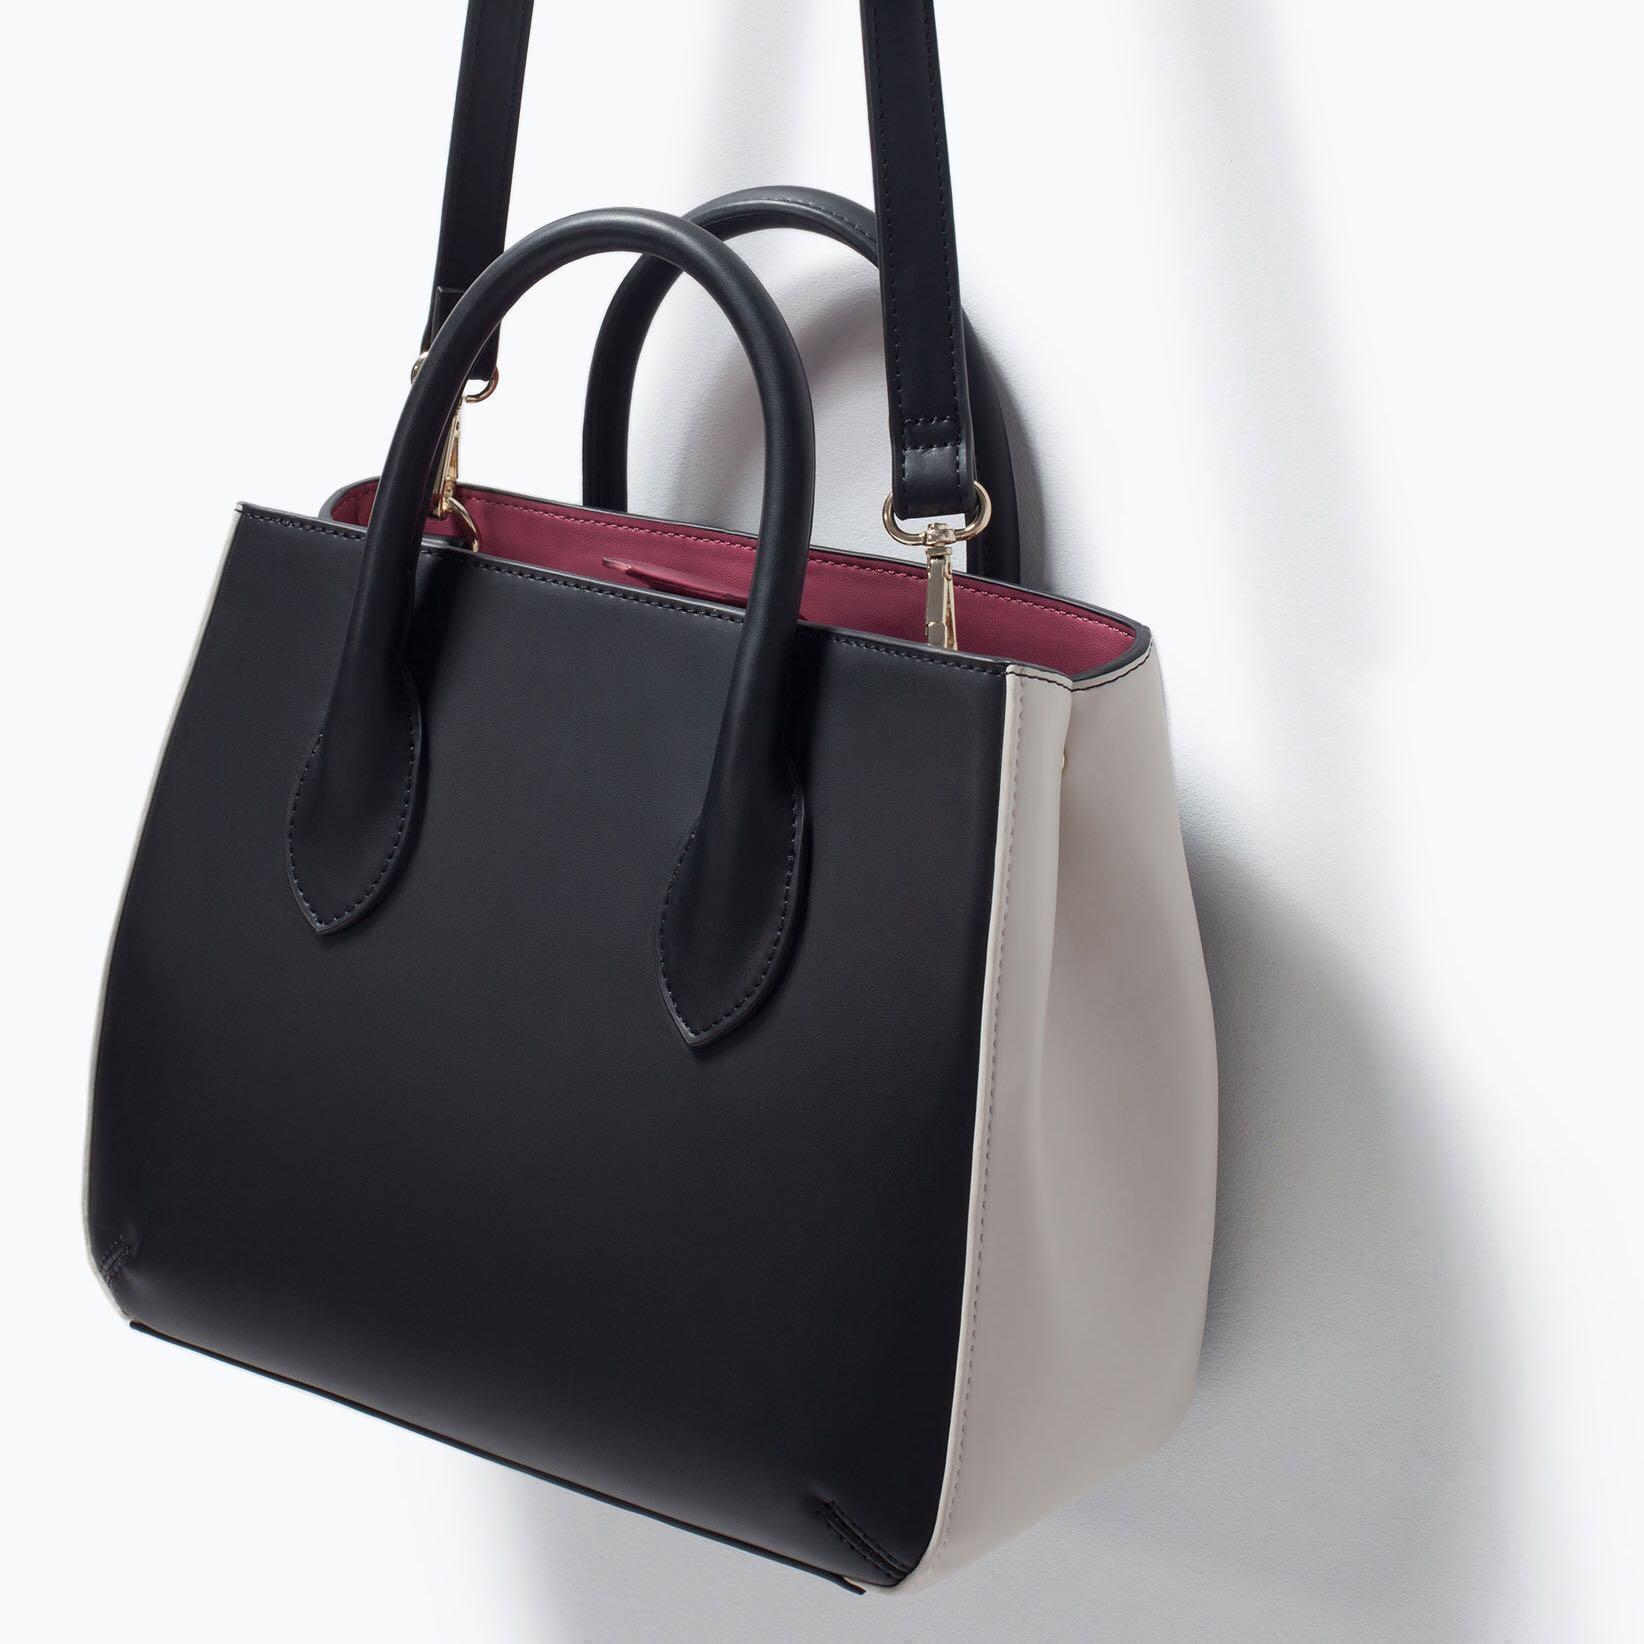 0c828dd2ea Zara City Sling Bag in Multicolour, Women's Fashion, Bags & Wallets ...